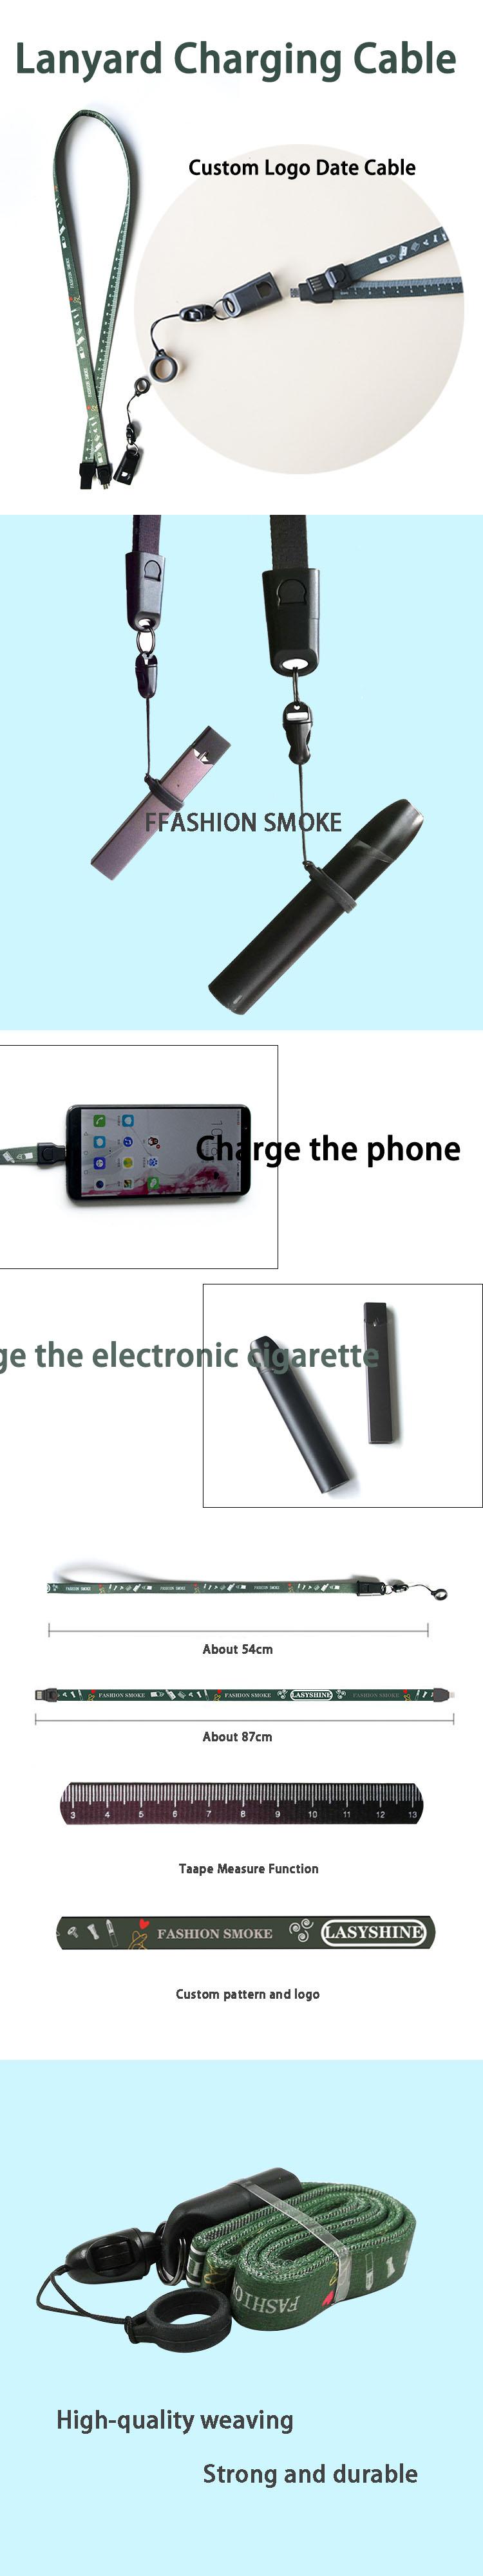 Yeni Ürün yenilik 2019 Toptan Özel Baskılı Çoklu Veri Hattı Şarj Kordon USB kablosu SMOK